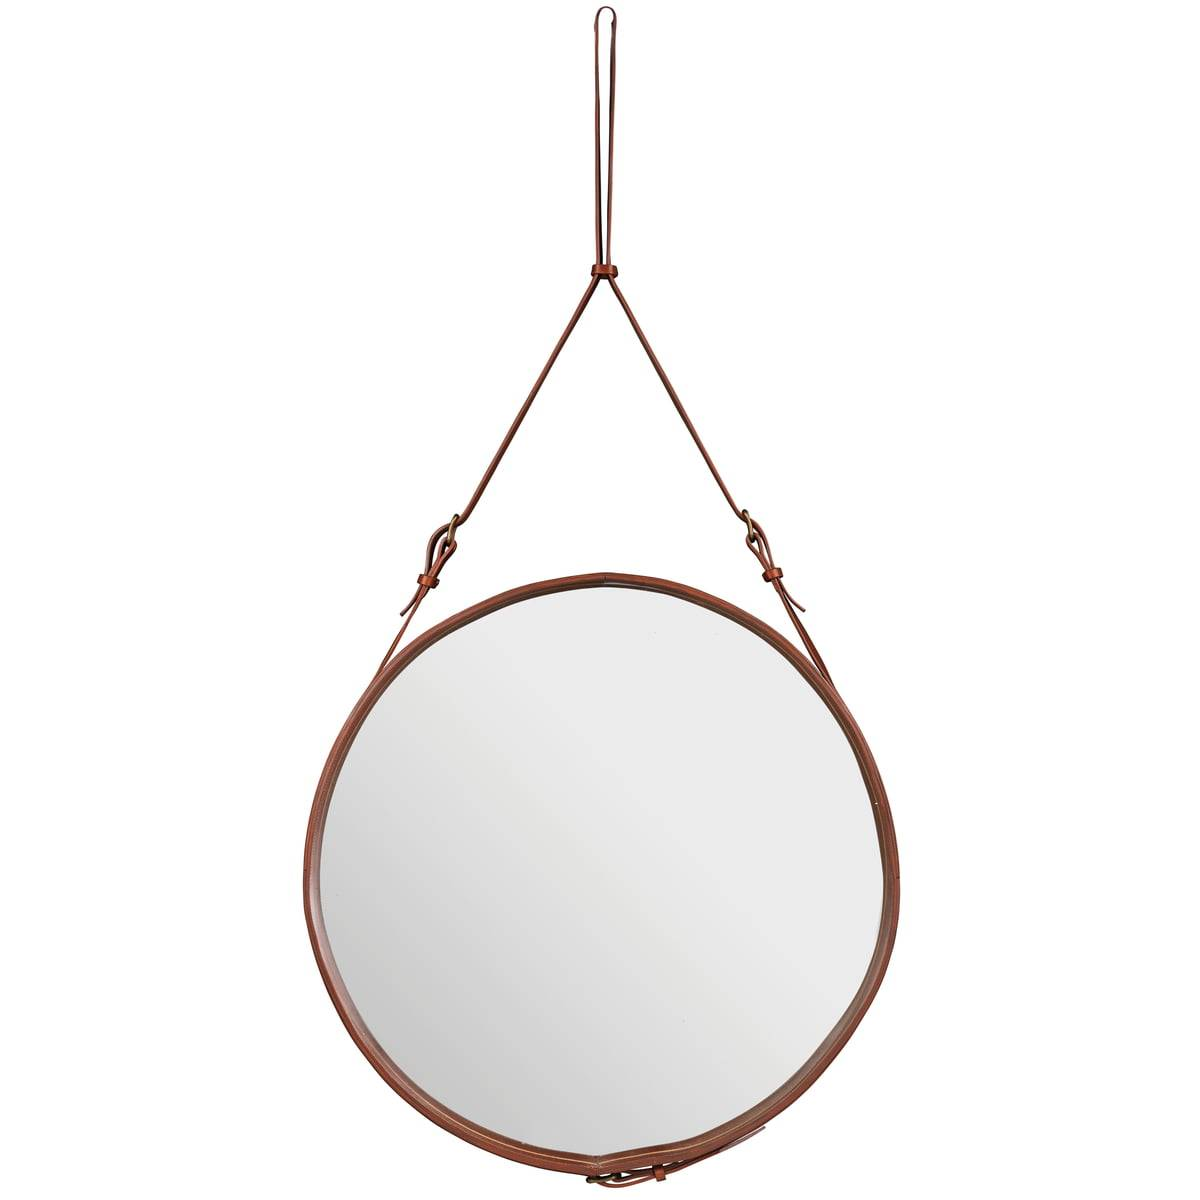 Gubi - Adnet Spiegel Ø 70 cm, braun